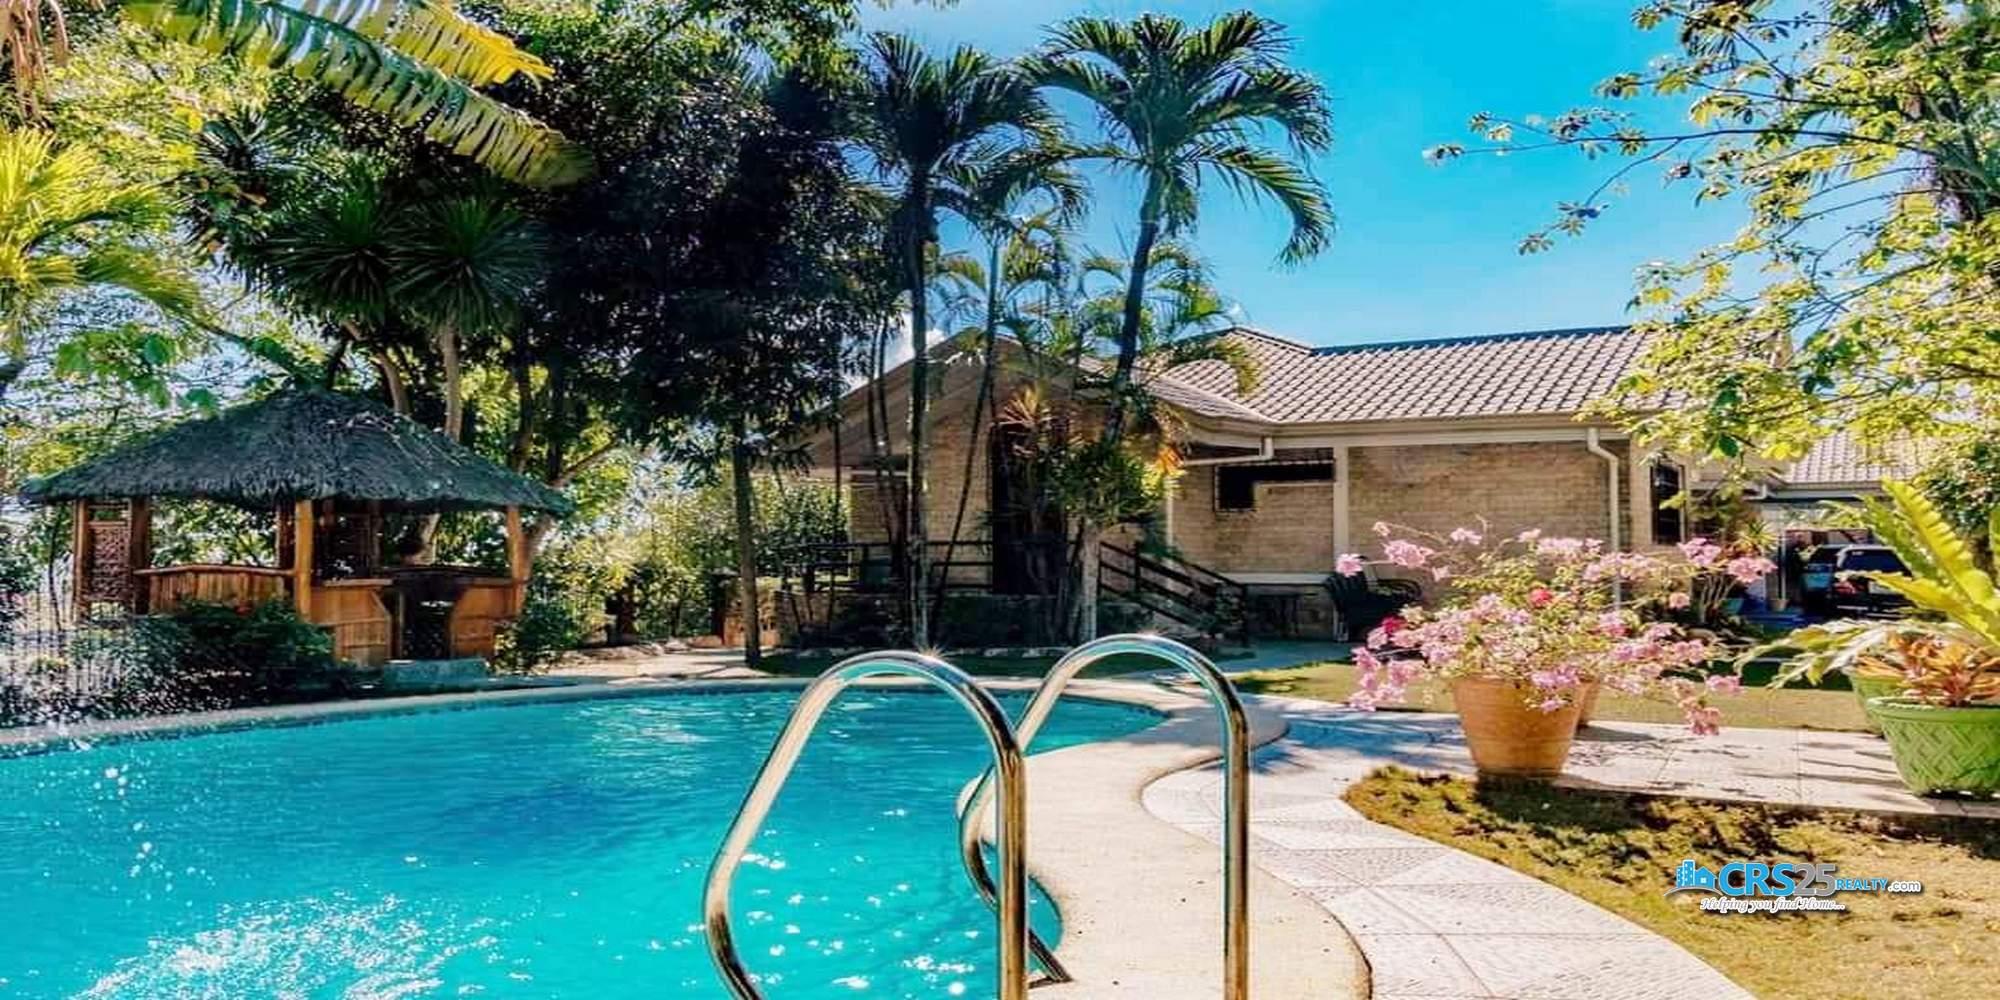 6 Bedroom House in Talamban Cebu with Swimming Pool